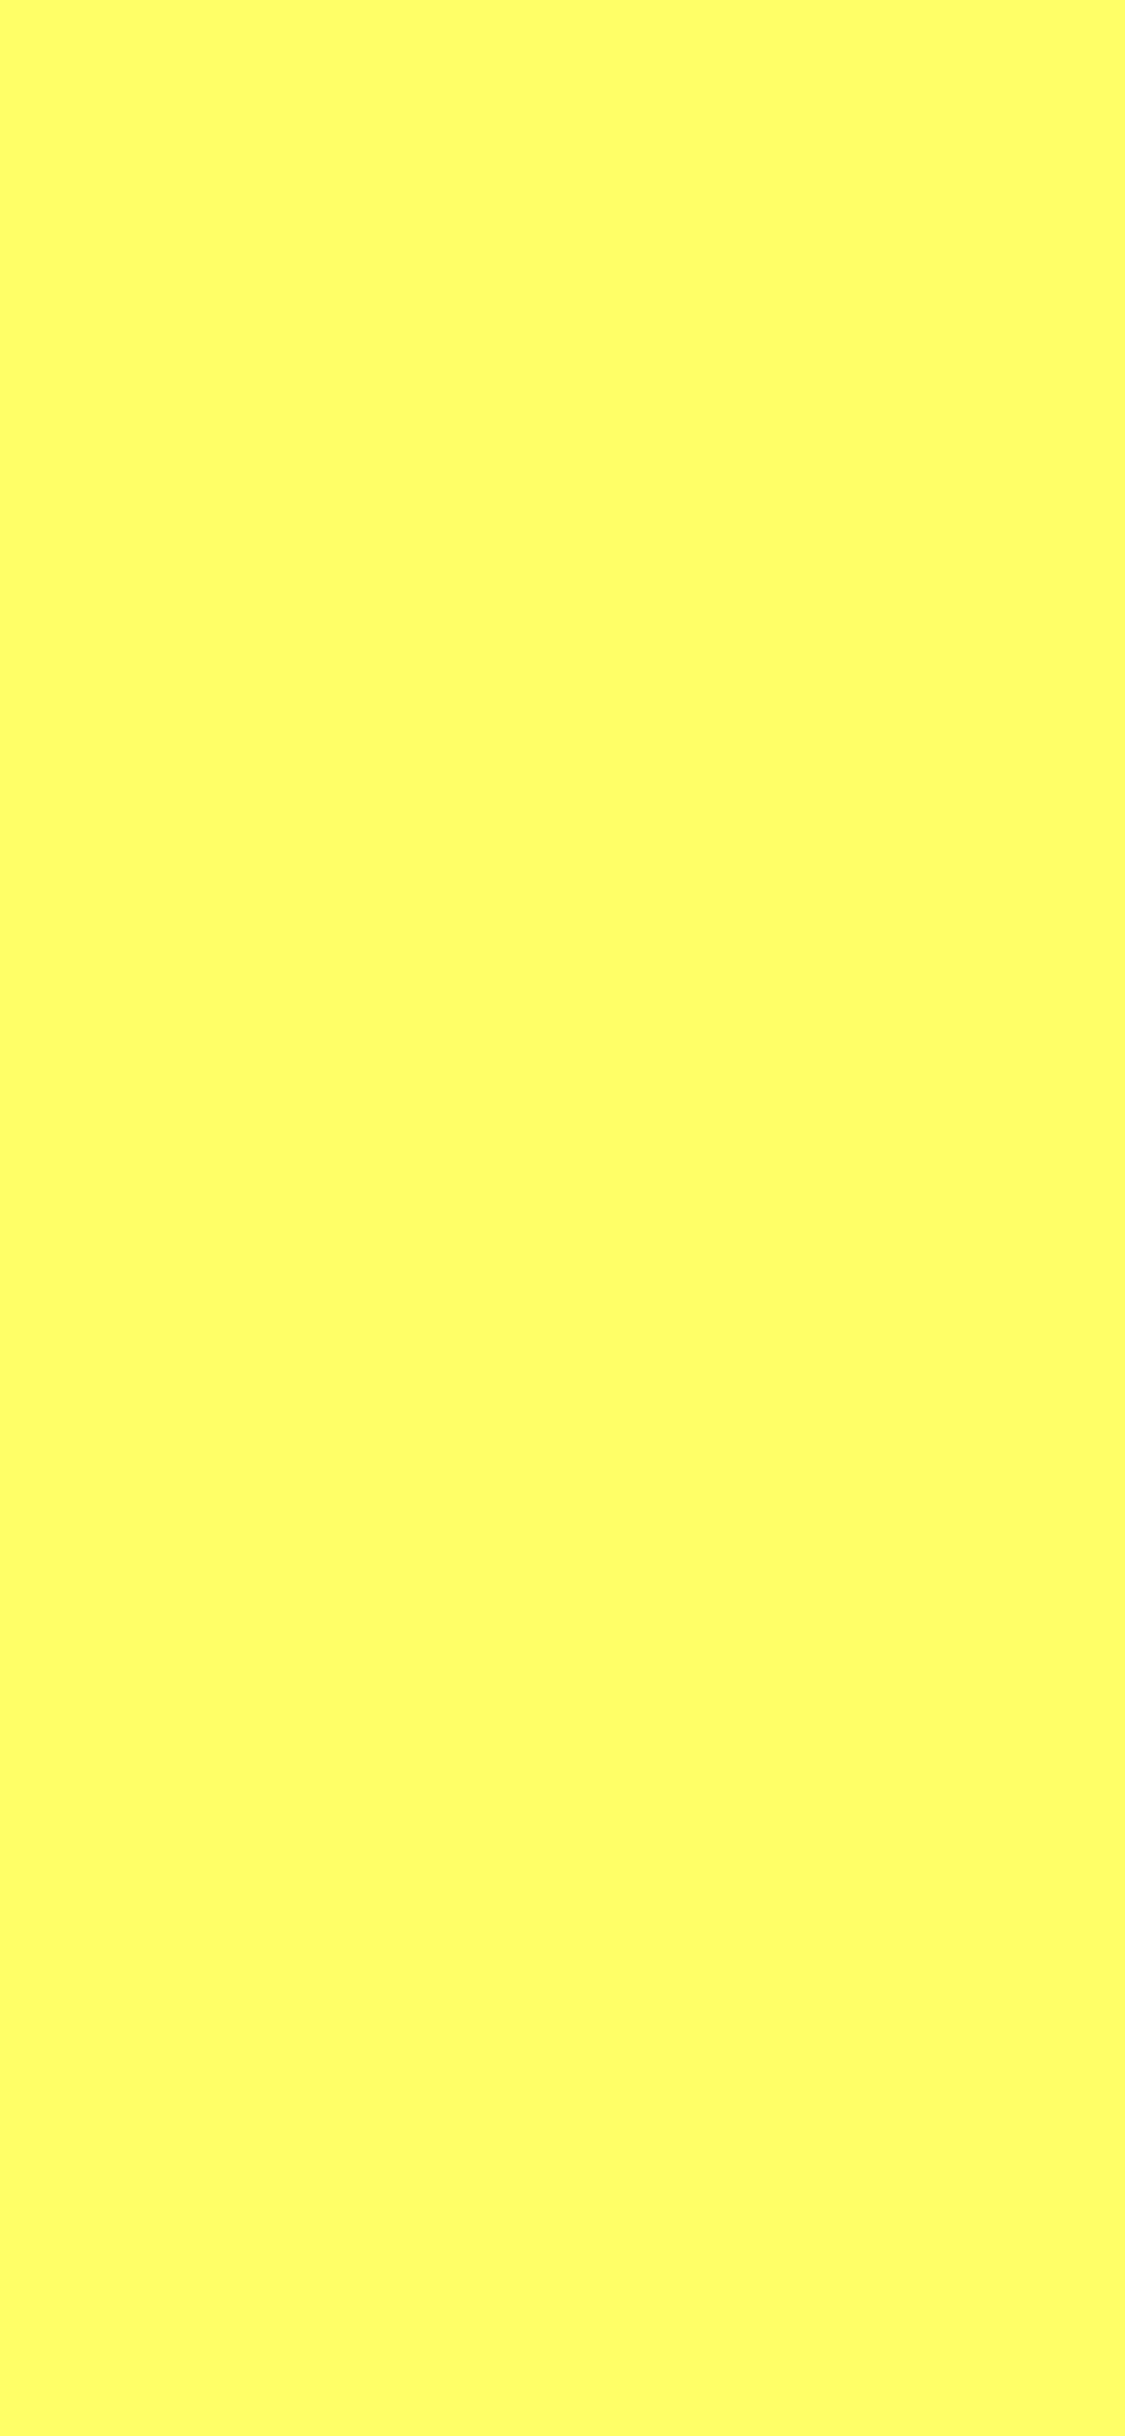 1125x2436 Laser Lemon Solid Color Background